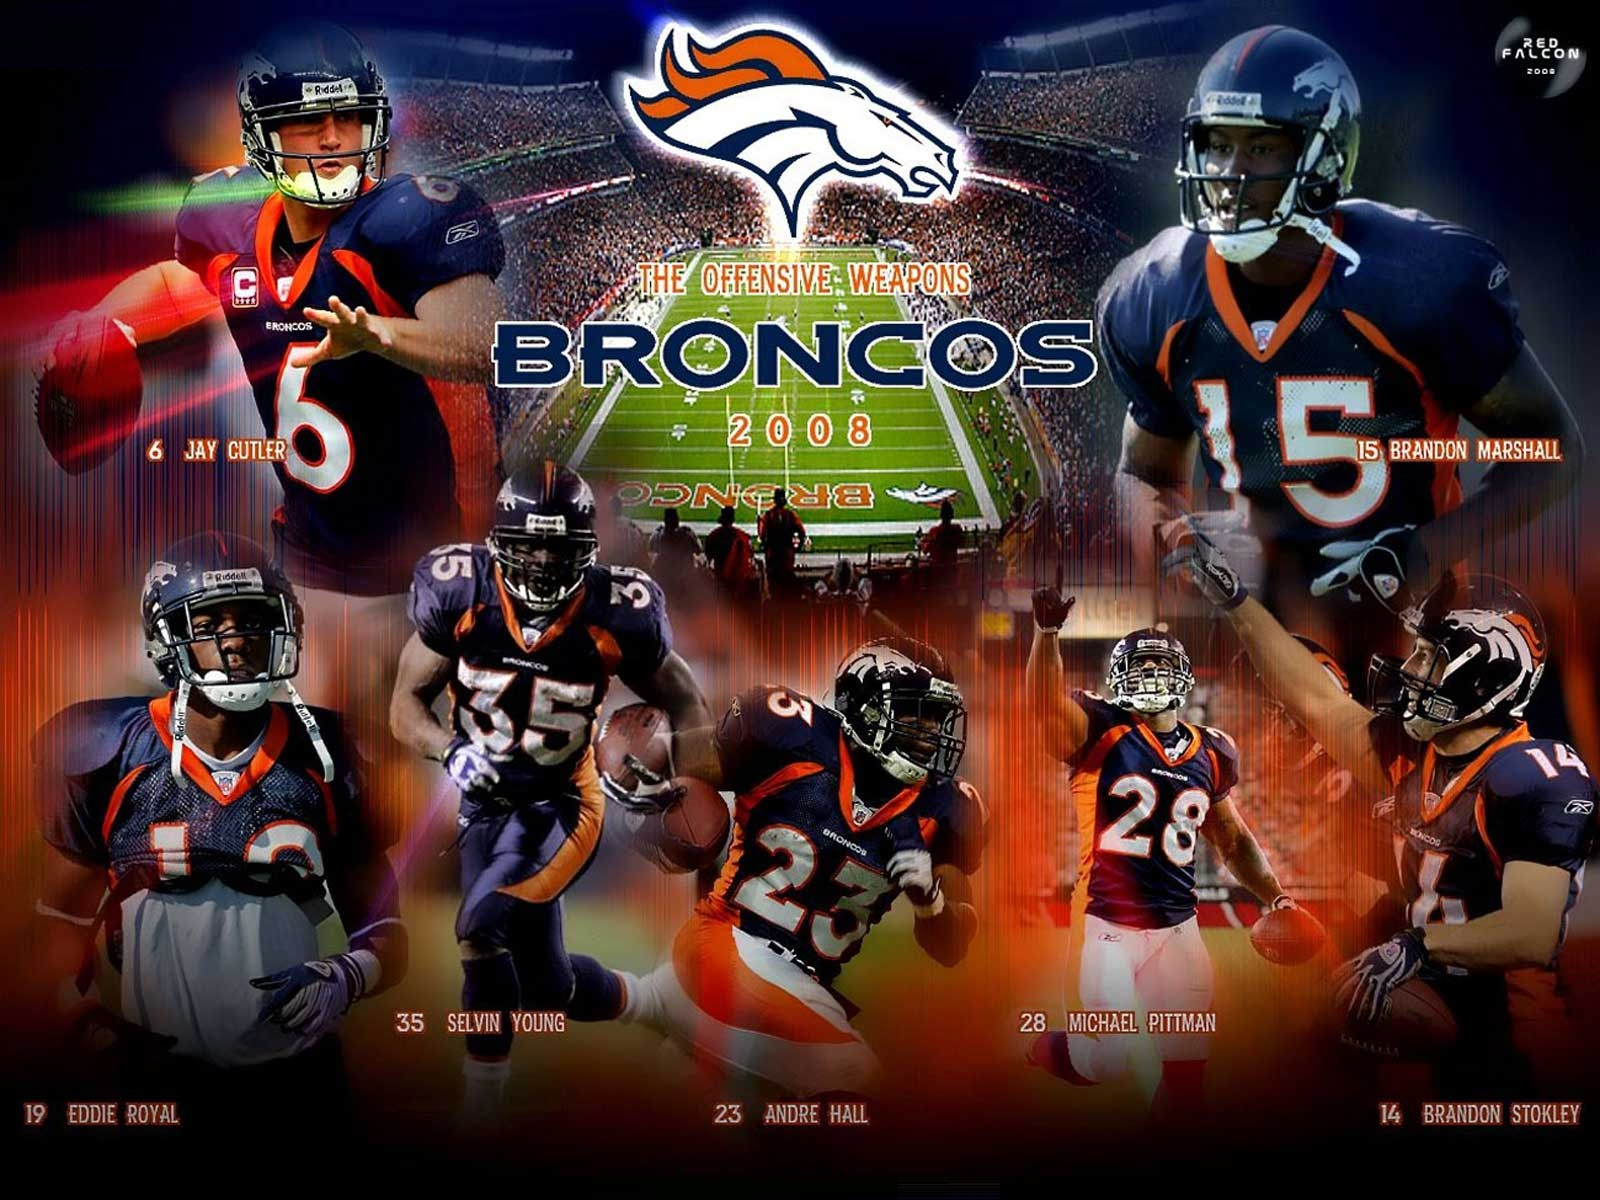 Denver Broncos Wallpaper 2016 Wallpapersafari